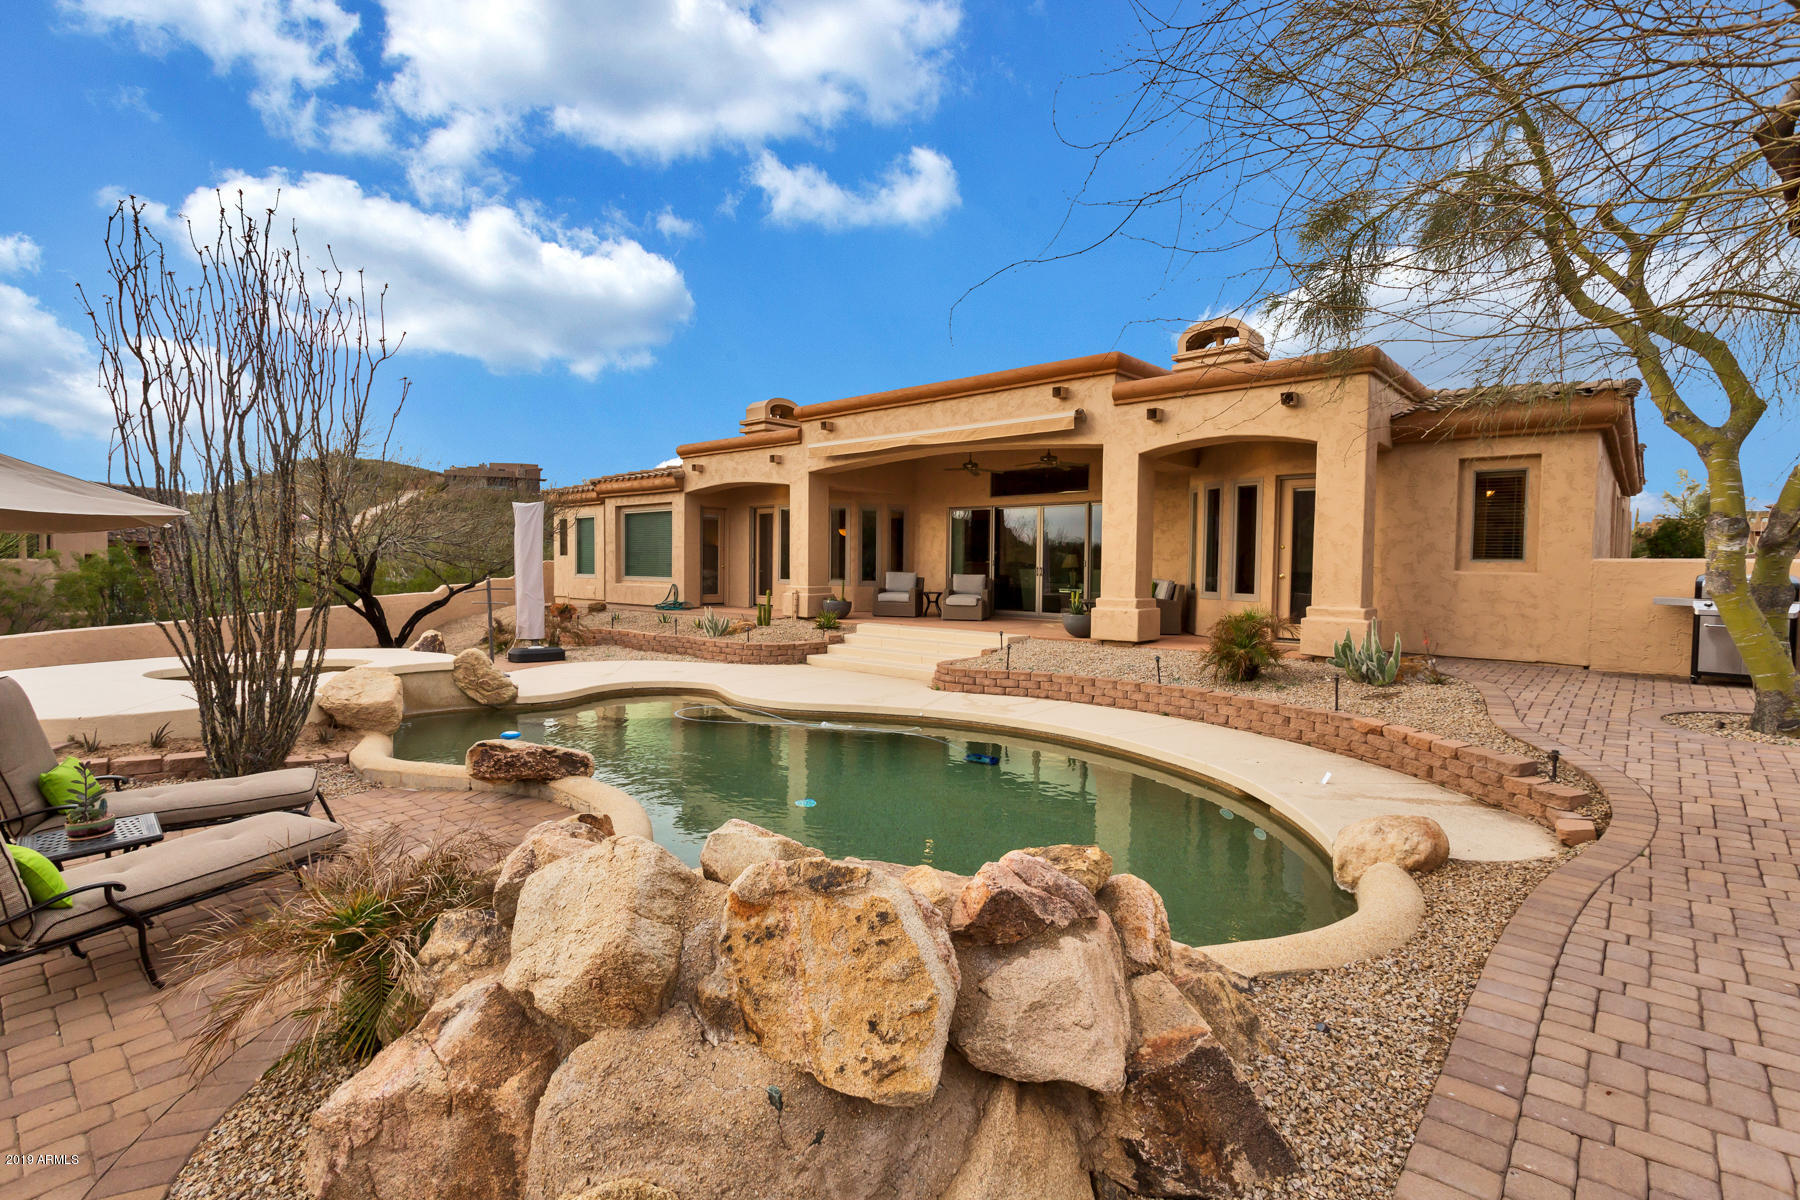 MLS 5908240 11263 E AJAVE Drive, Scottsdale, AZ 85262 Scottsdale AZ Desert Summit